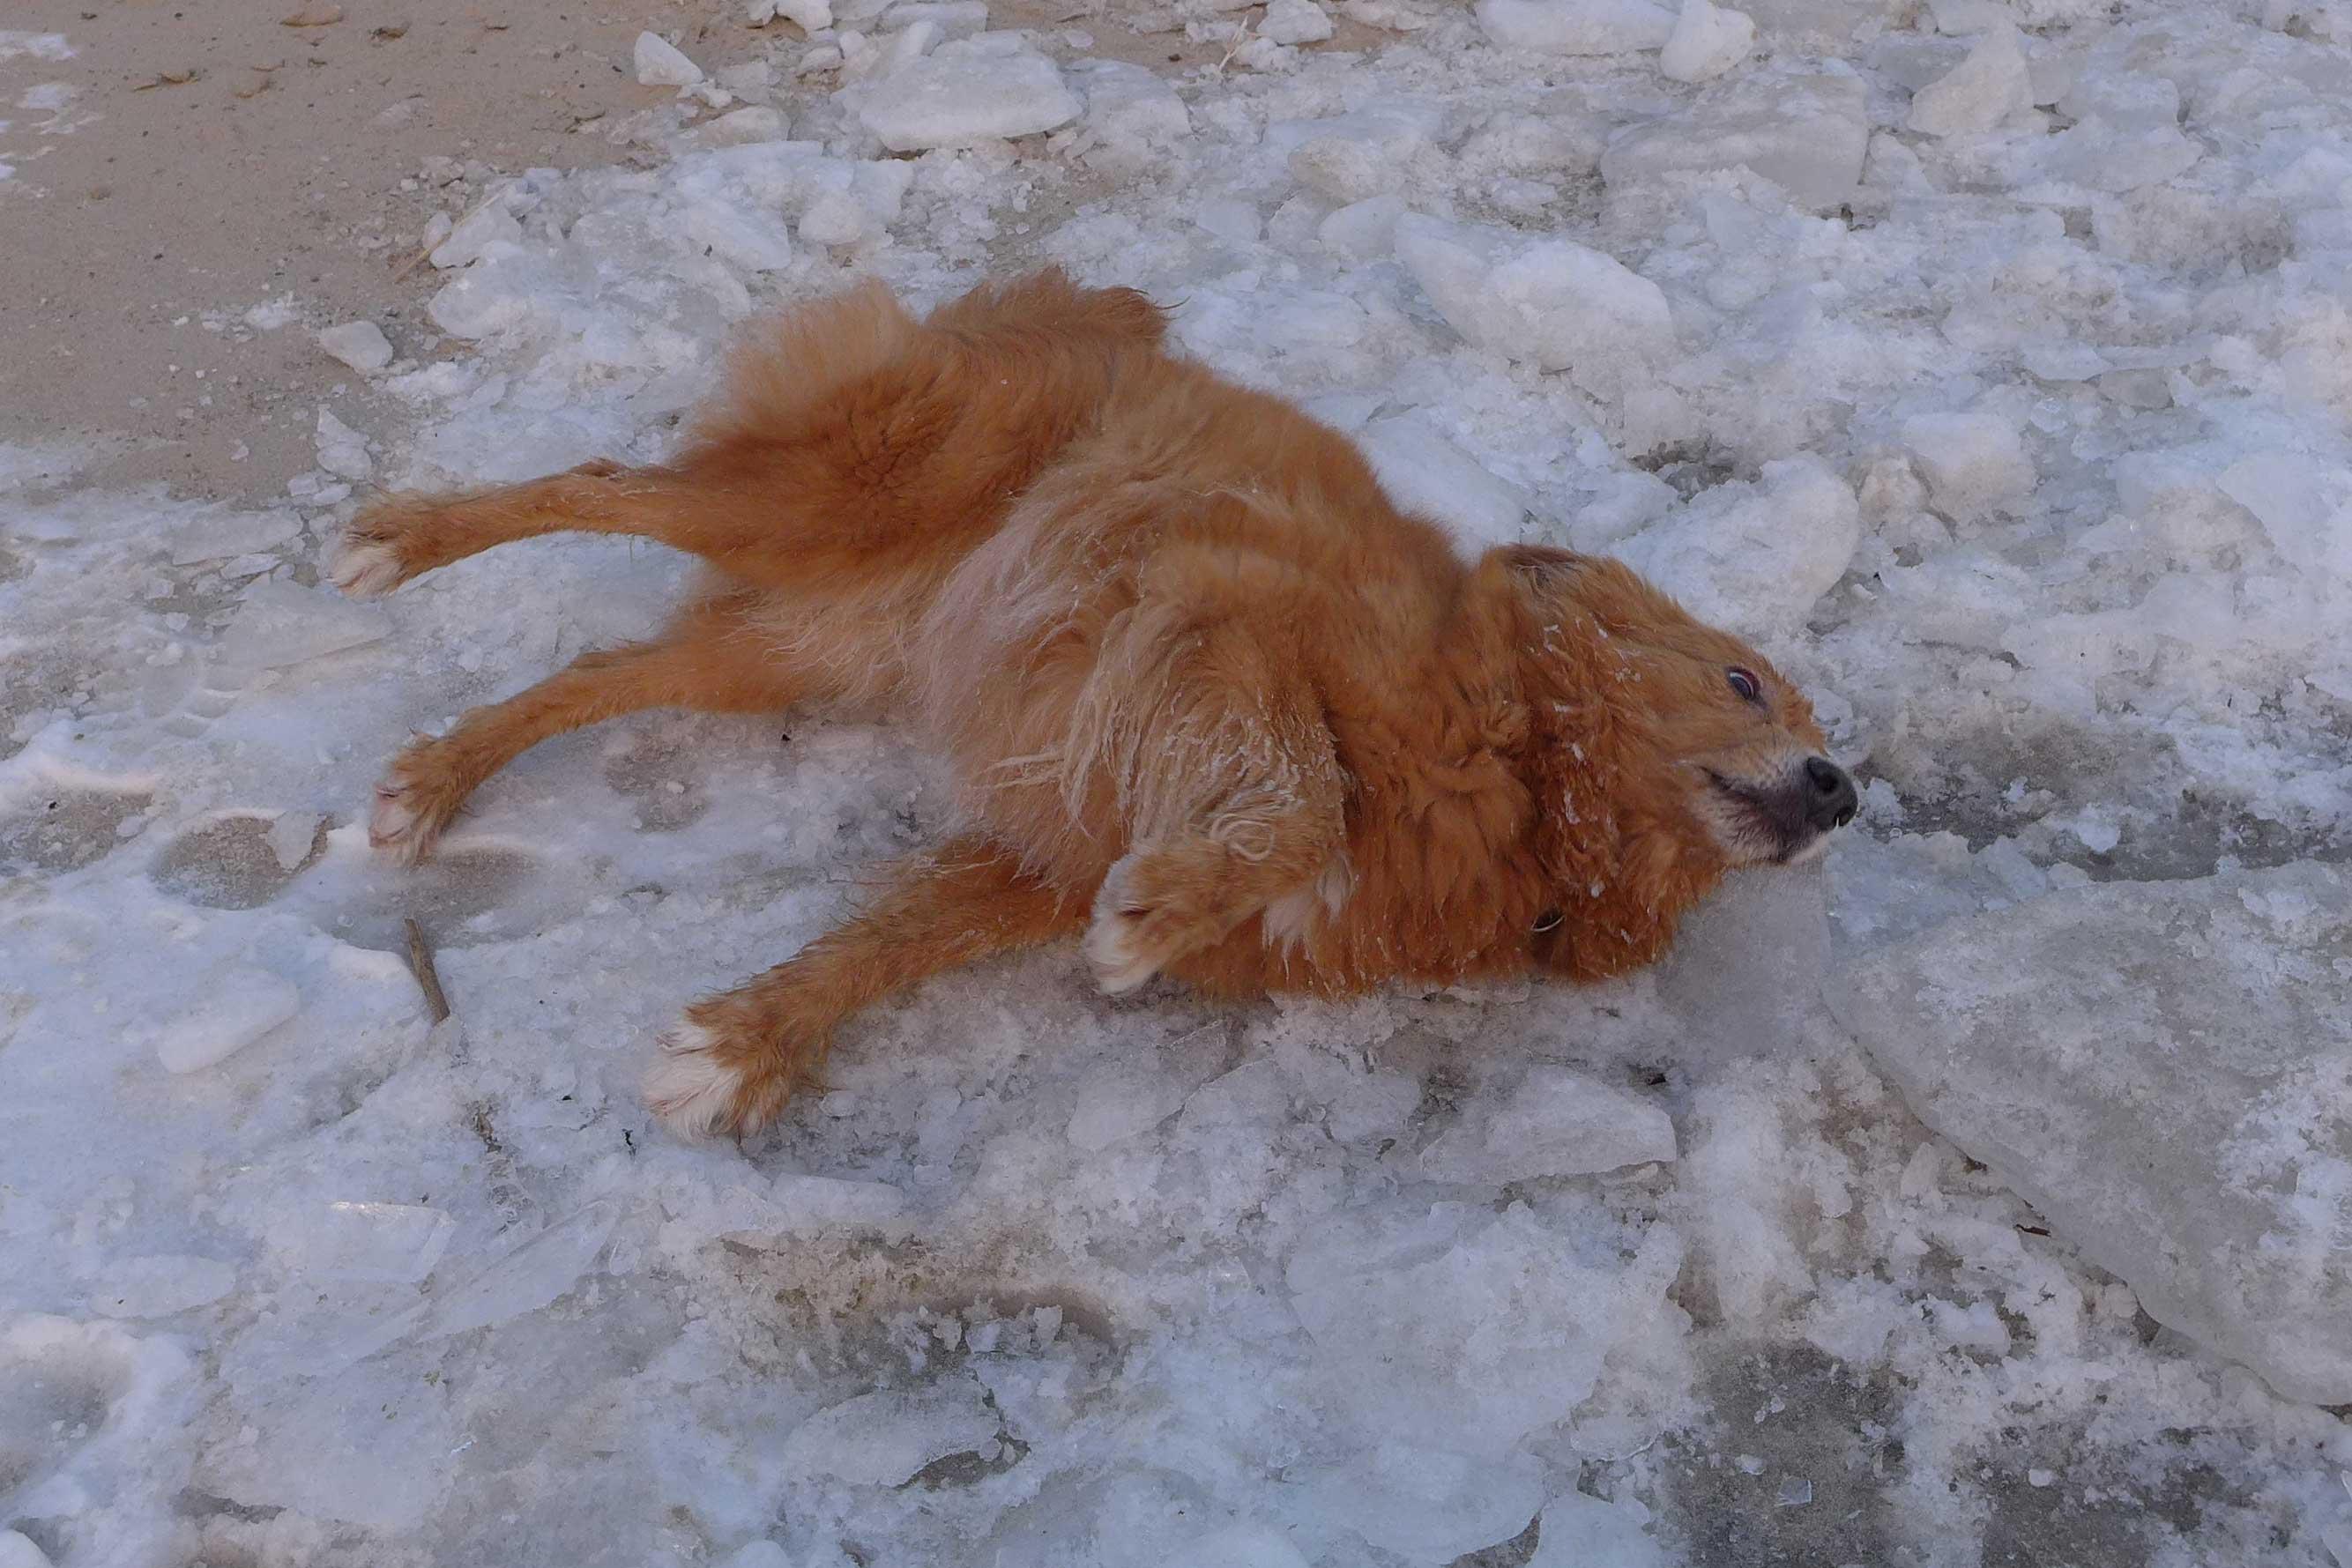 Hund wälzt sich im Schnee